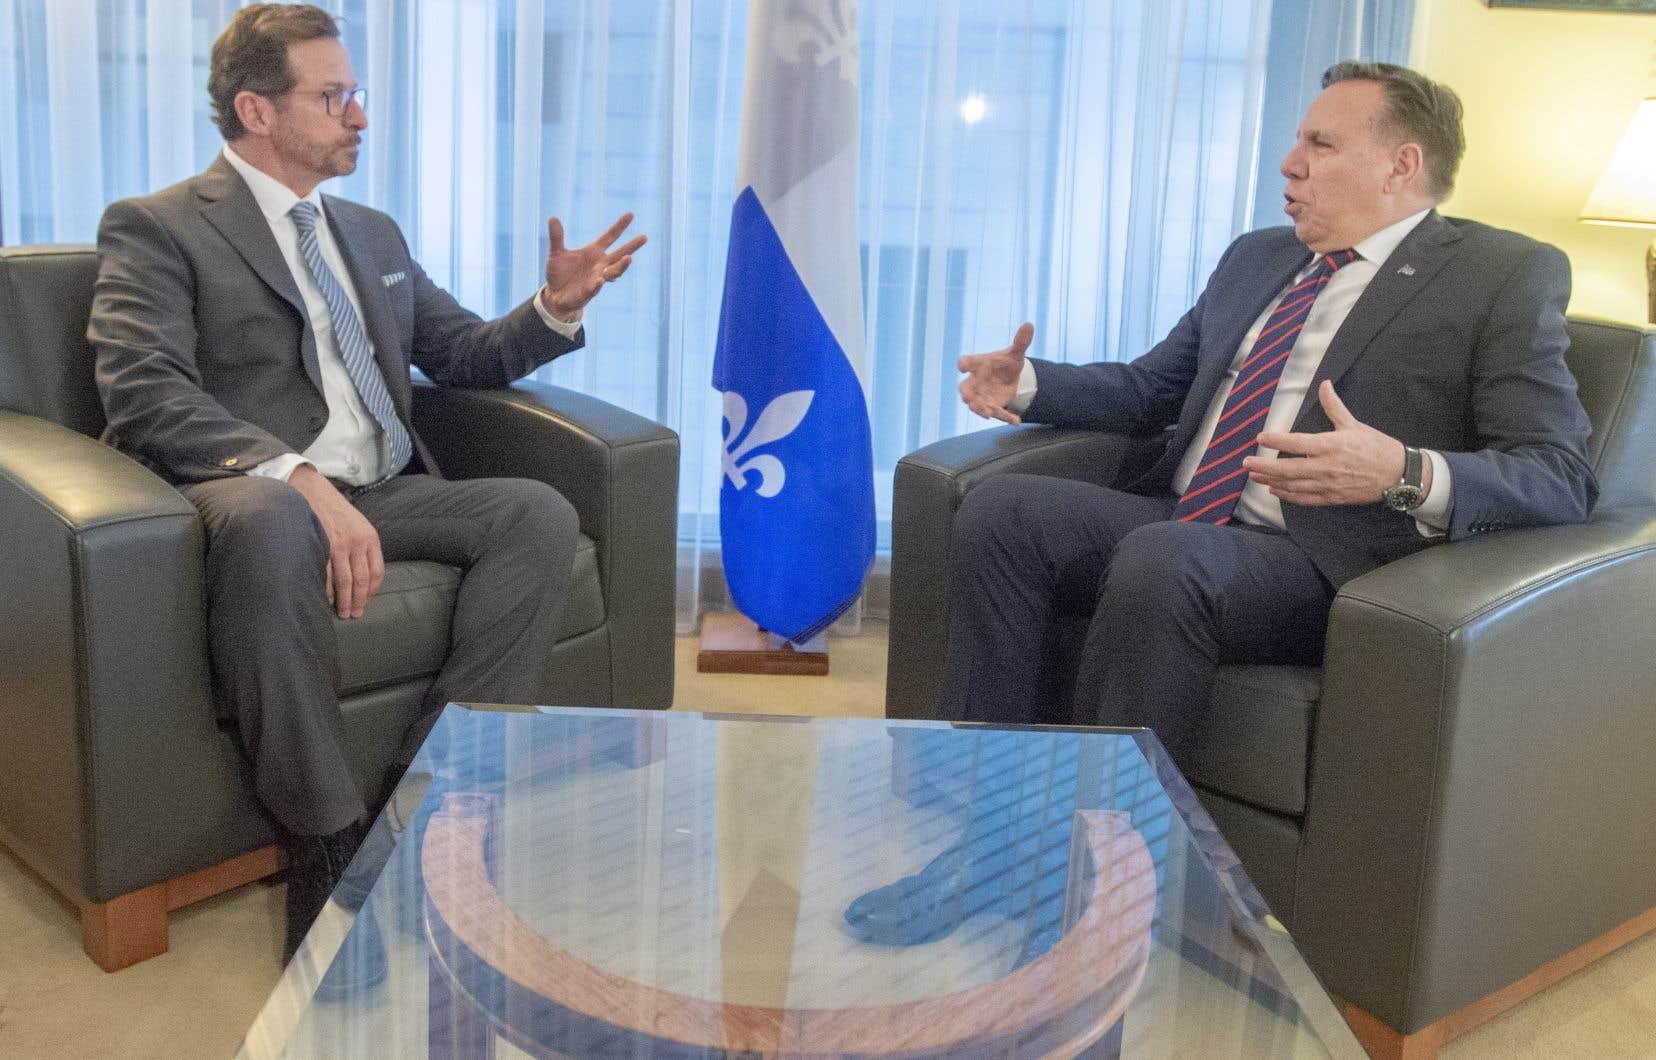 Le chef du Bloc québécois, Yves-François Blanchet, a sollicité une rencontre avec le premier ministre François Legault, en marge du caucus bloquiste jeudi.